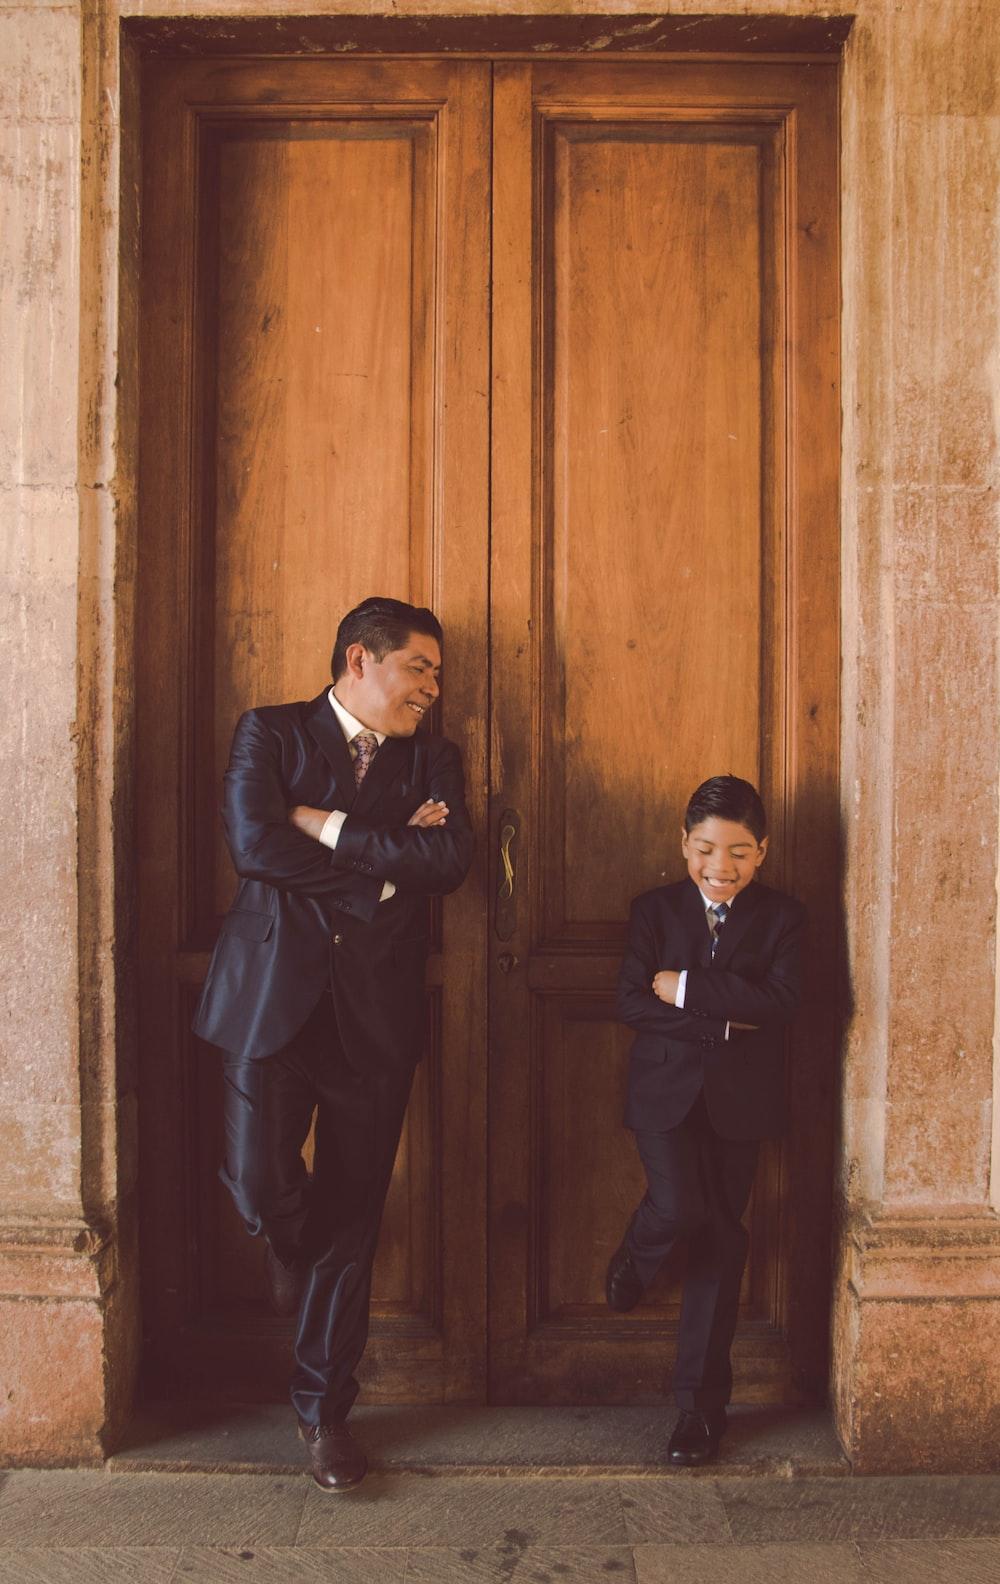 man in black suit standing beside man in black suit